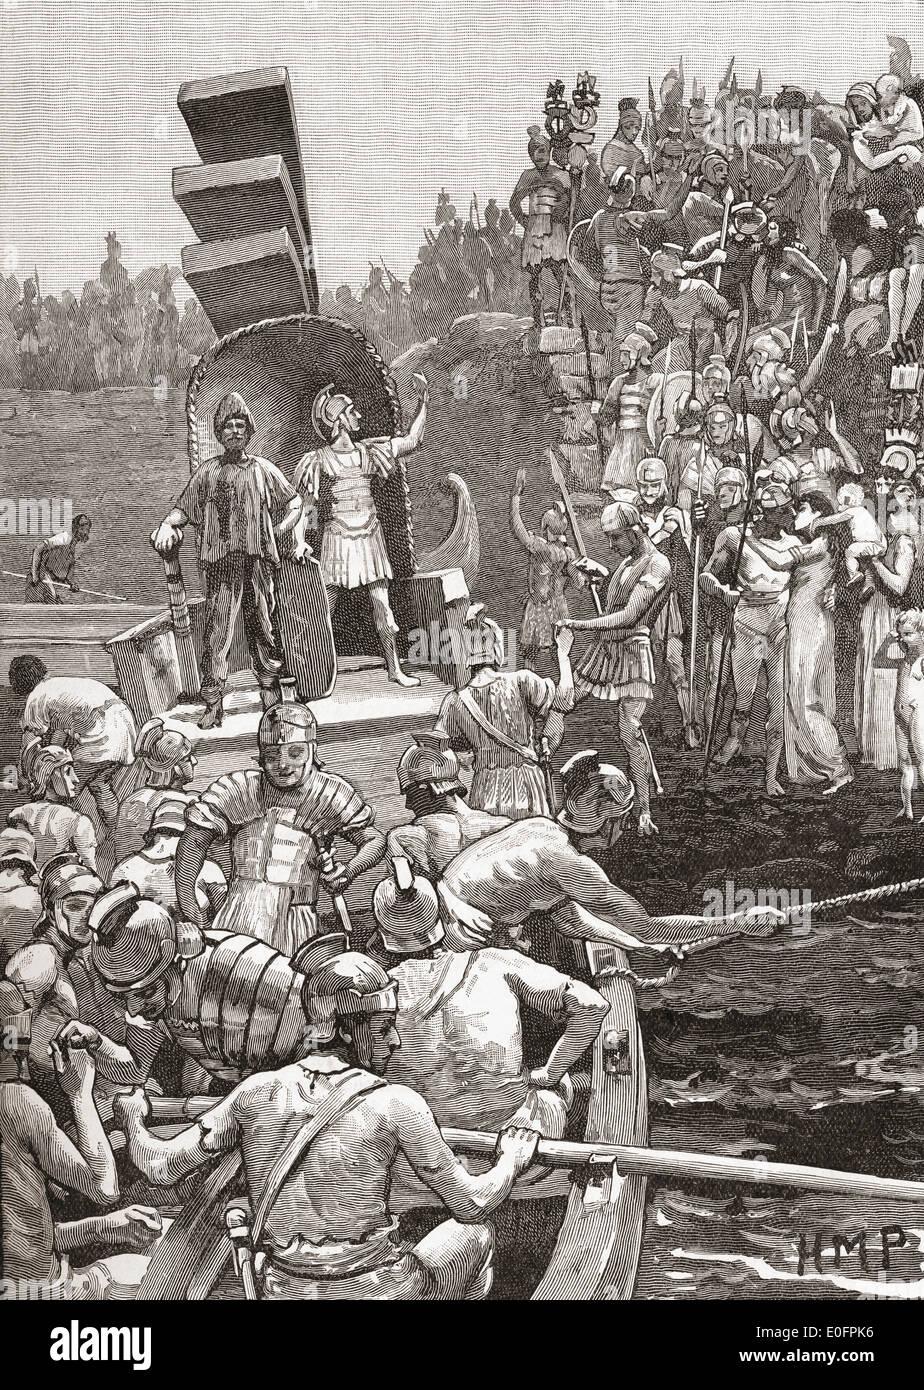 Soldats romains laissant le britannique au 4ème siècle. Photo Stock